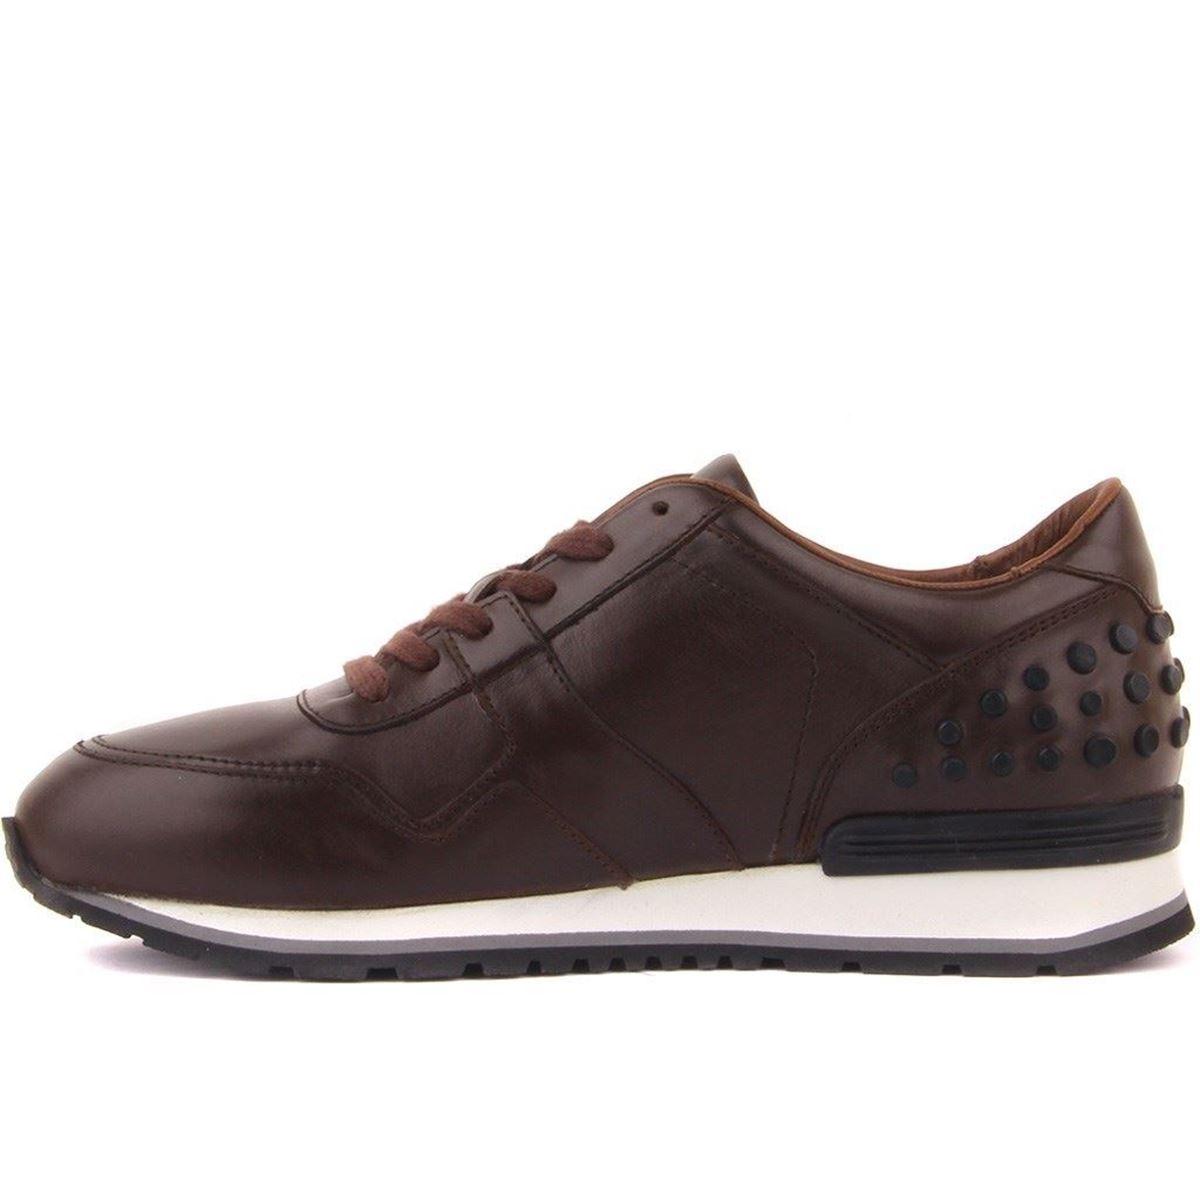 Sail Lakers - Kahverengi Deri Erkek Günlük Ayakkabı resmi